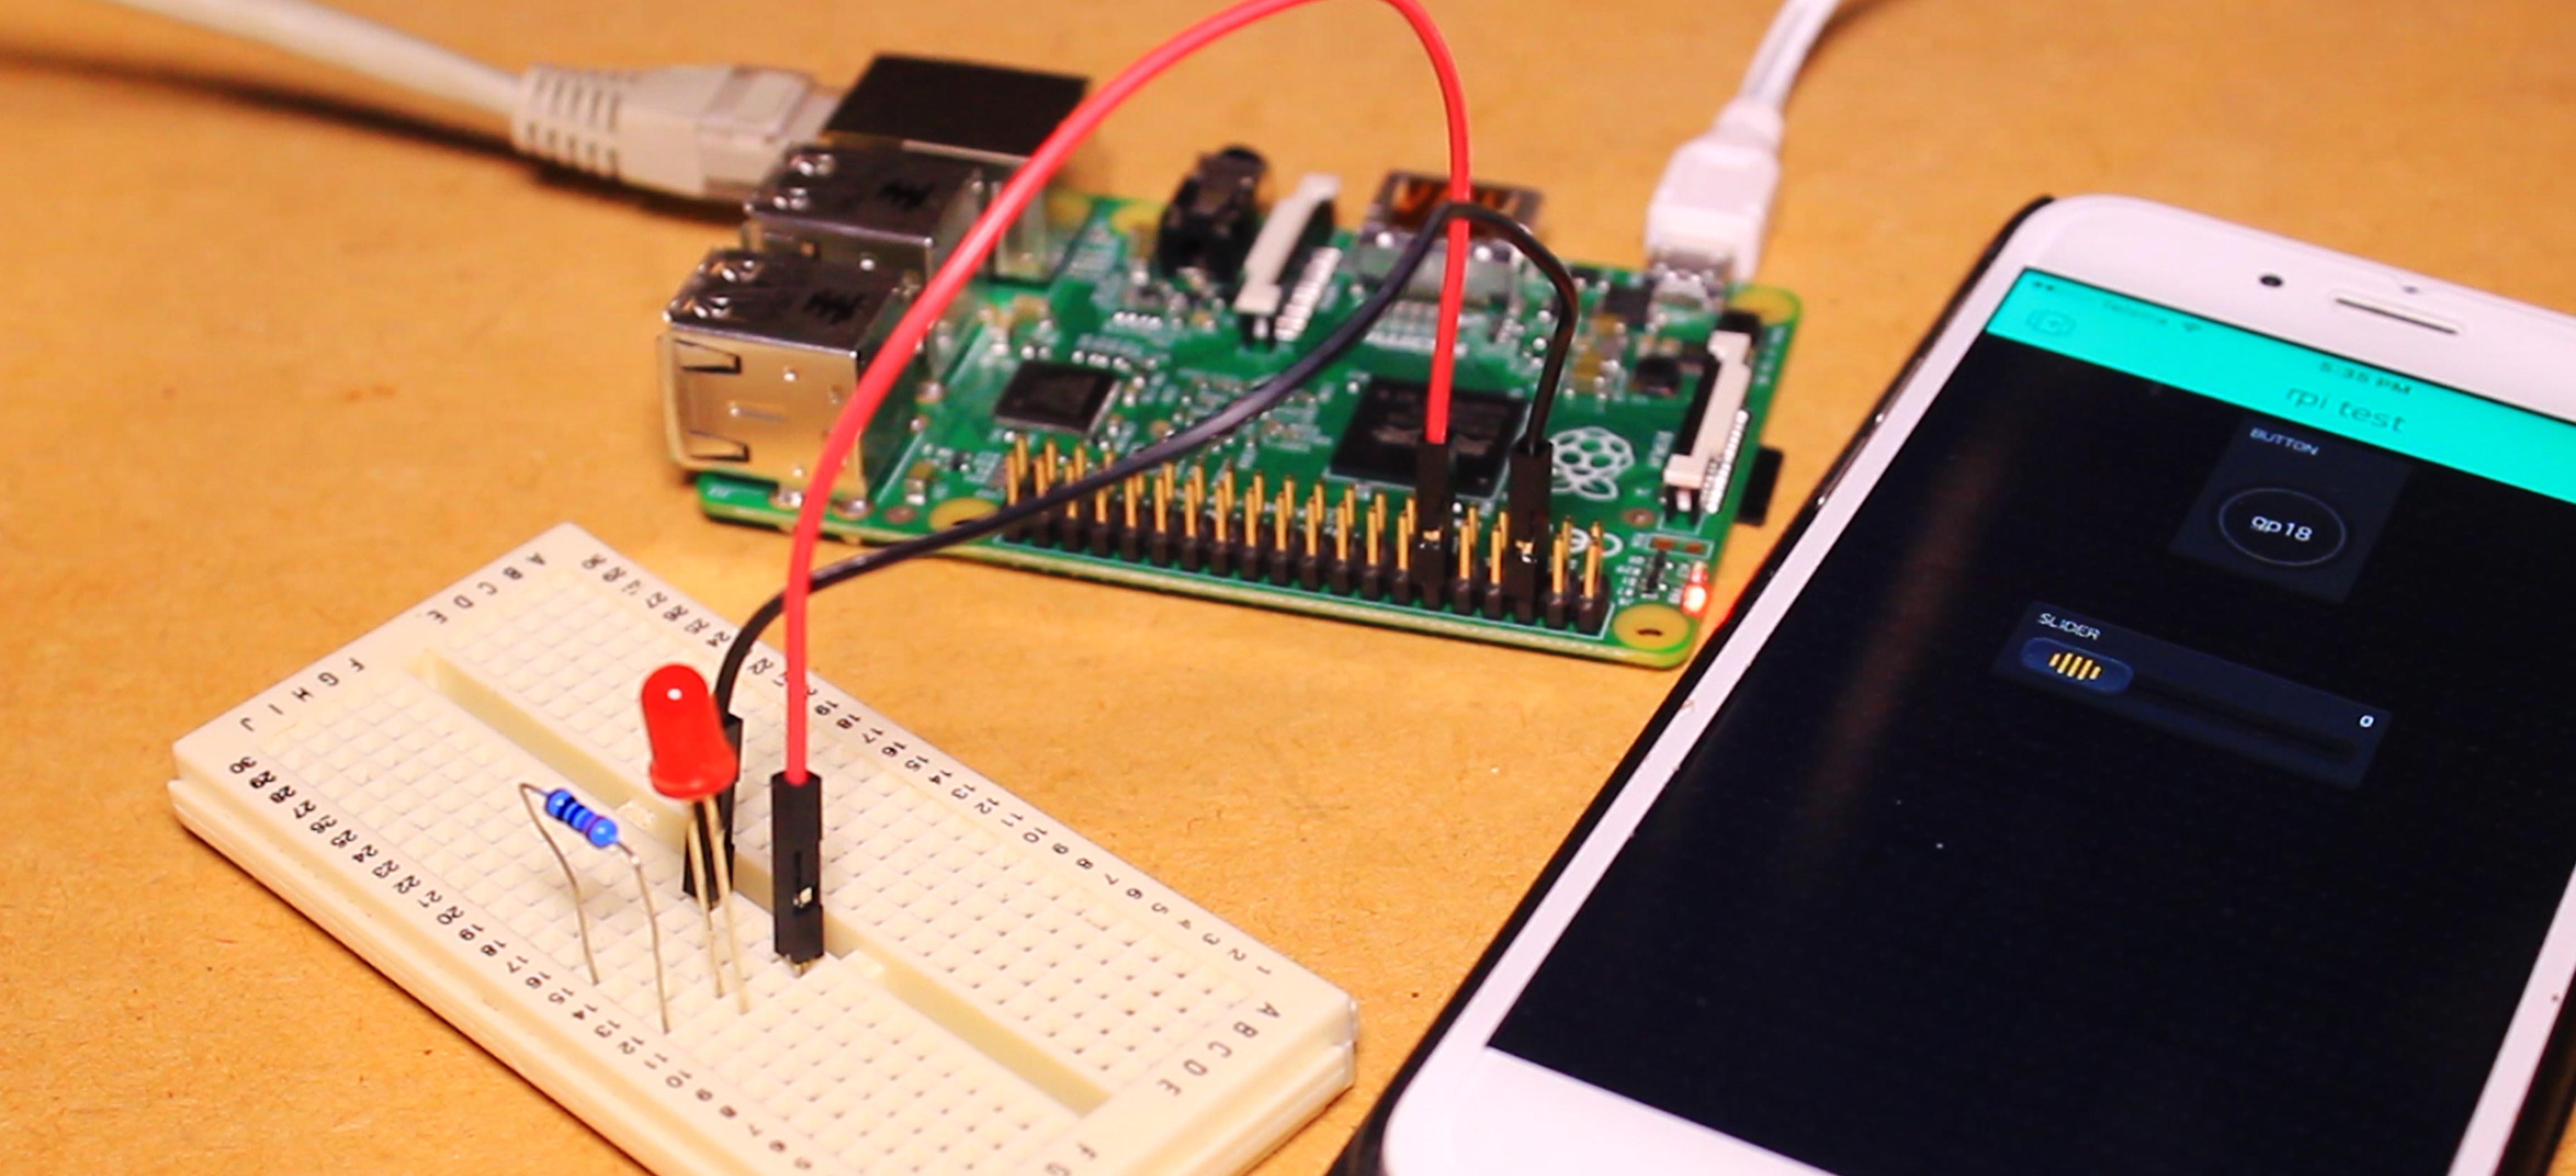 Raspberry Pi Blynk Install Wiringpi On